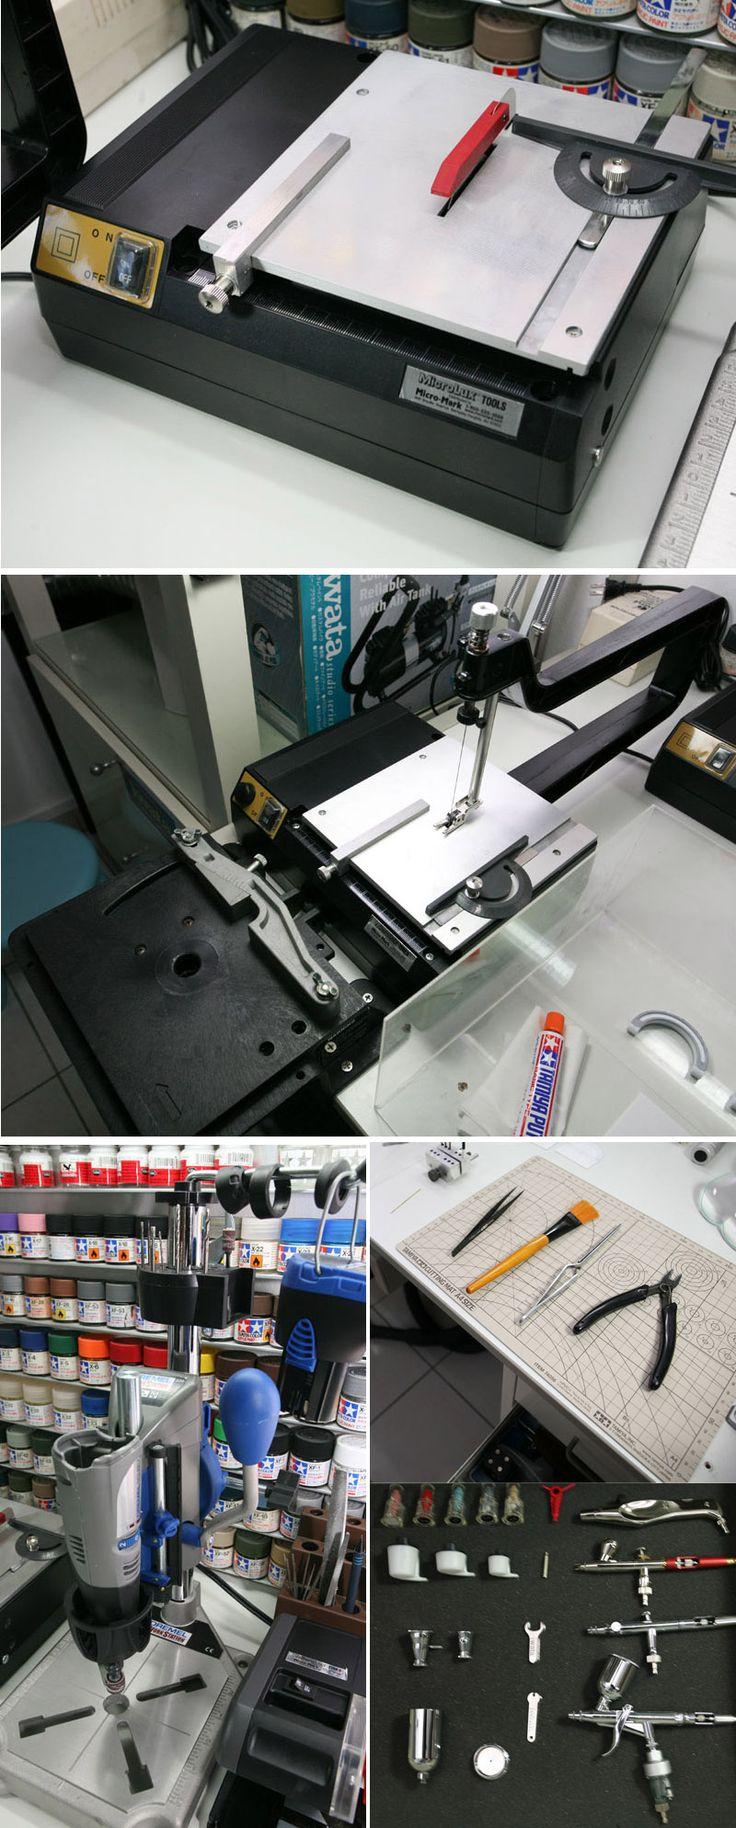 Model building workshop tools : Microlux Mini Scroll Saw, Microlux Mini Saw, Dremel Drill Press...   http://junaustriamodel.blogspot.ca/